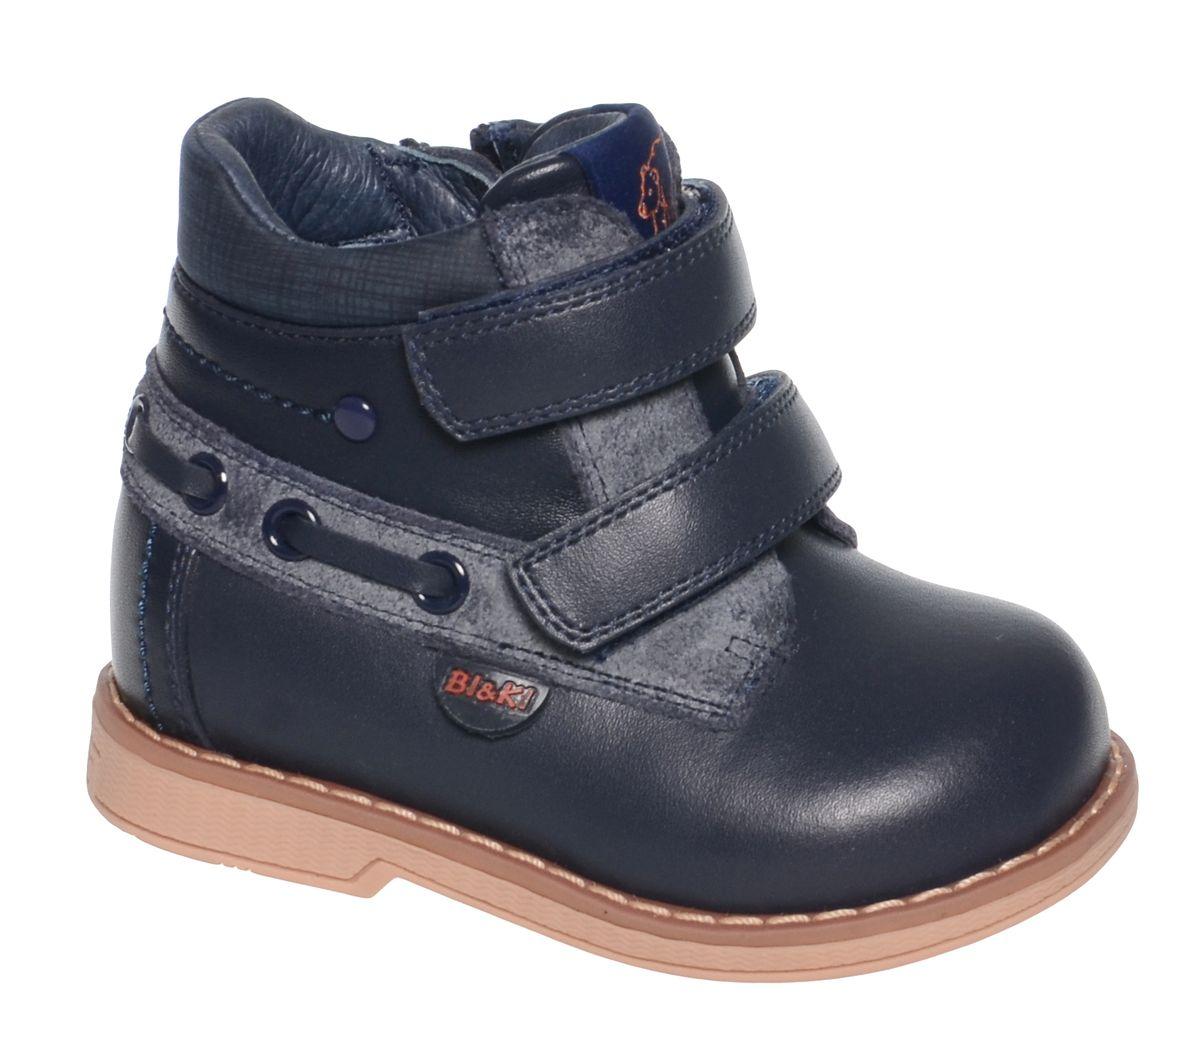 Ботинки для мальчика BiKi, цвет: темно-синий. A-B86-45-B. Размер 21A-B86-45-BДетские ботинки от BiKi заинтересуют вашего модника с первого взгляда. Модель выполнена из комбинации натуральной и искусственной кожи и декорирована шнуровкой. Внутренняя поверхность и стелька, выполненные из натуральной кожи и байки, предотвращают натирание и гарантируют комфорт. Подъем дополнен ремешками на застежках-липучках, которые обеспечивают плотное прилегание модели к стопе и регулируют объем. Ботинки застегиваются на застежку-молнию, расположенную на одной из боковых сторон. Подошва оснащена рифлением для лучшей сцепки с поверхностью. Стильные и удобные ботинки - незаменимая вещь в весенне-осеннем гардеробе.